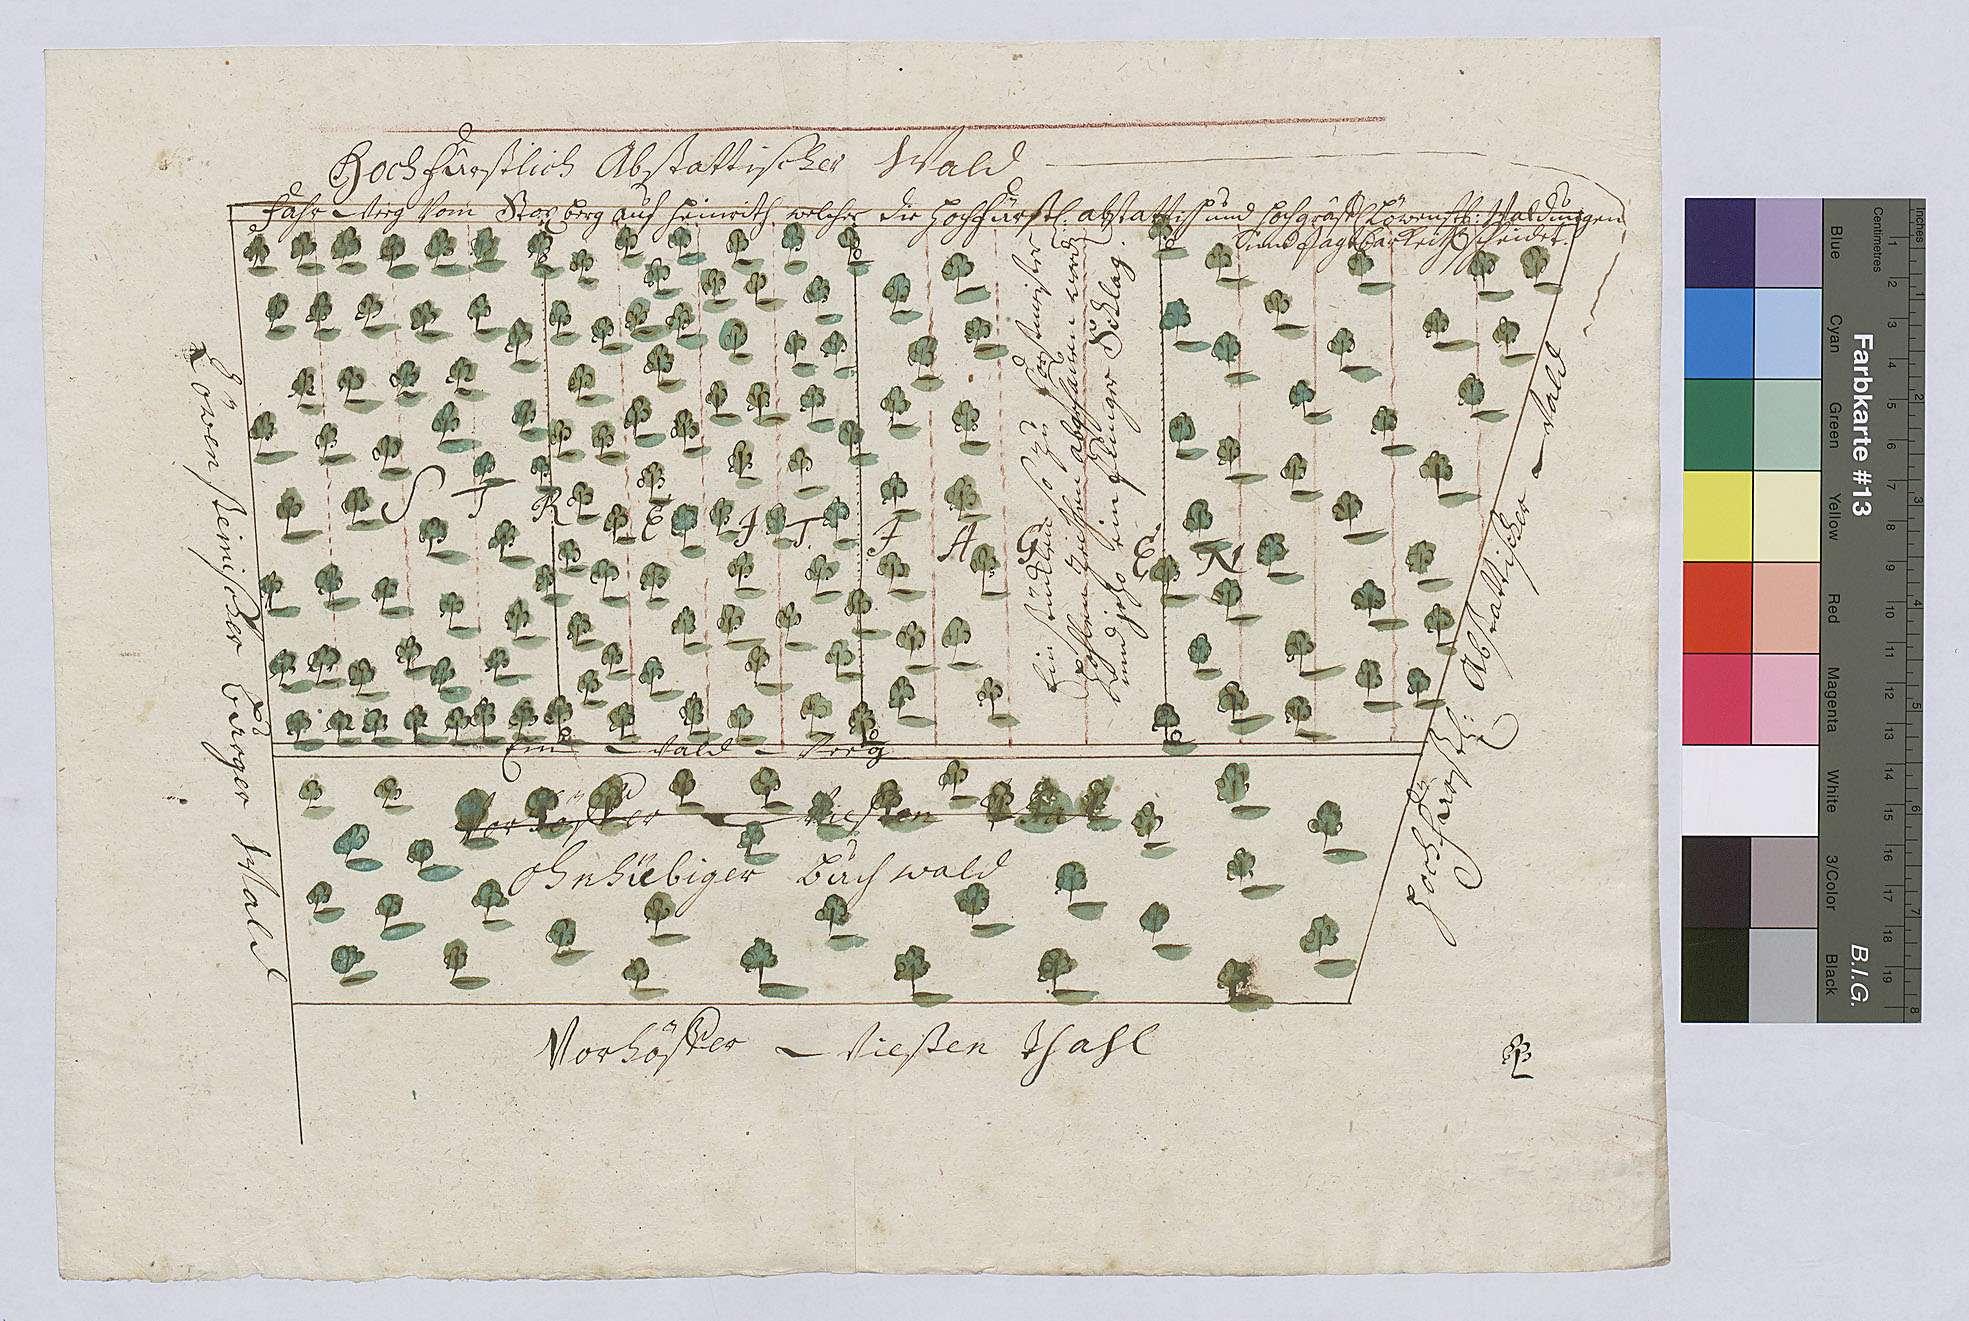 Streitigkeiten wegen des Jagens zwischen dem Abstätter Wald und den Vorhöfer Wiesen, Bild 1